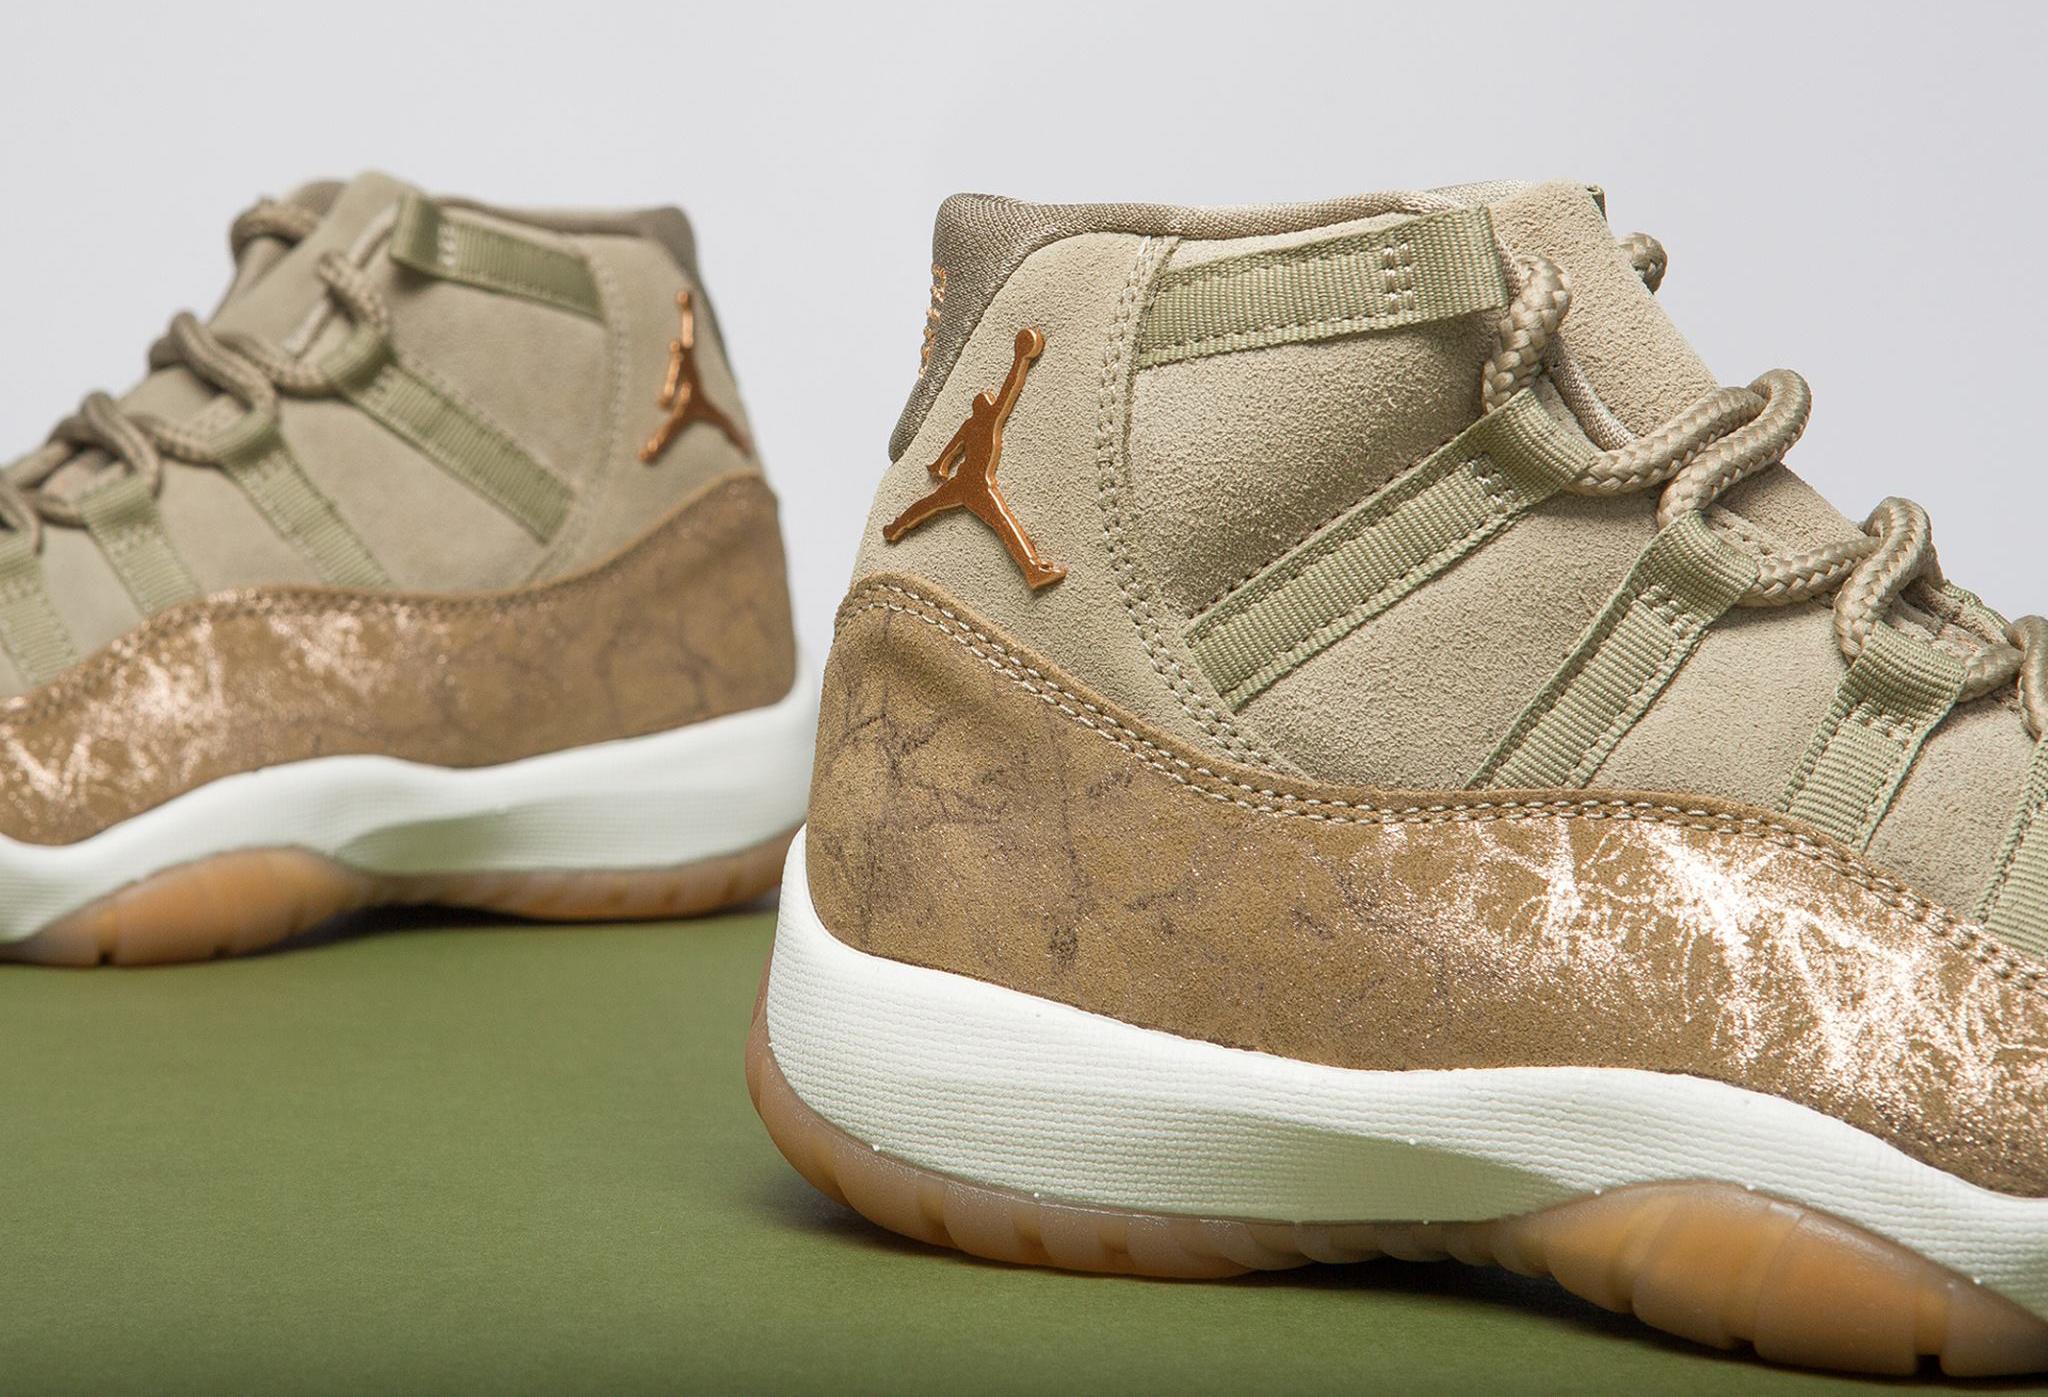 cyber-monday-2018-champs-sale-deals-jordan-shoes-shoes